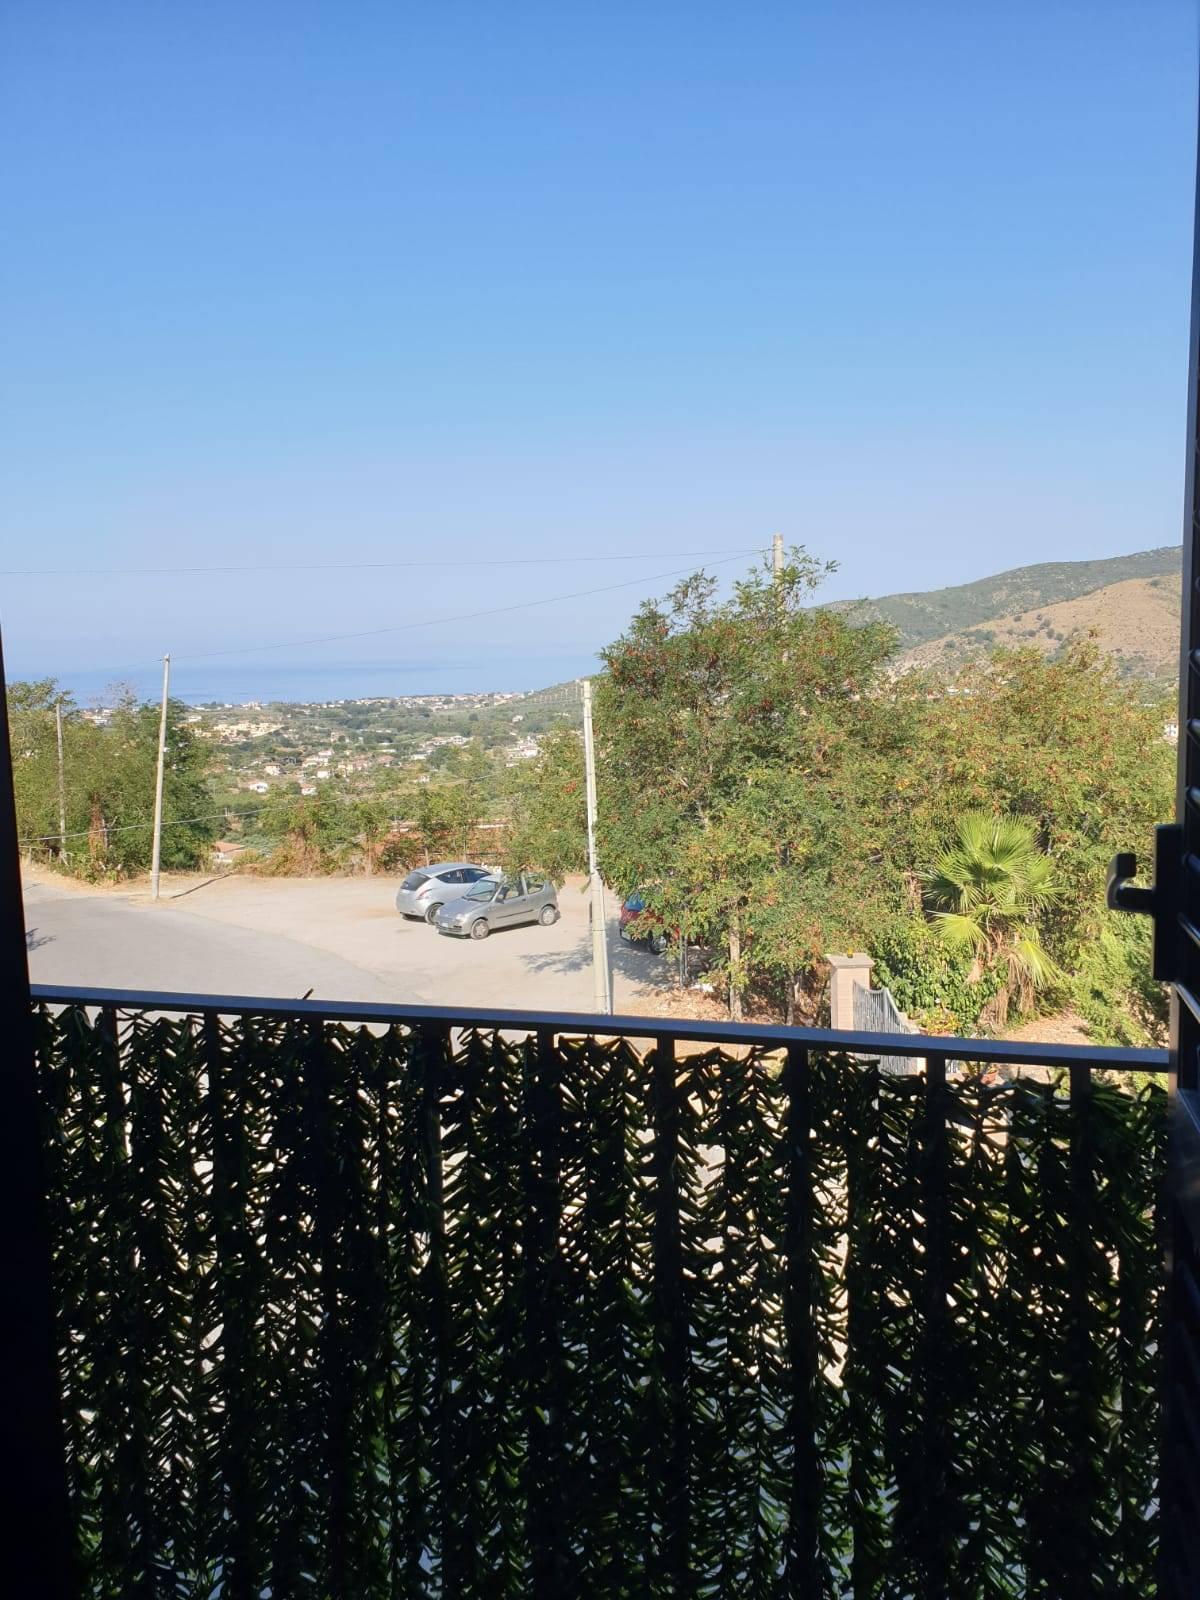 Appartamento in vendita a Castellabate, 3 locali, zona Località: S.aMaria, prezzo € 100.000   CambioCasa.it